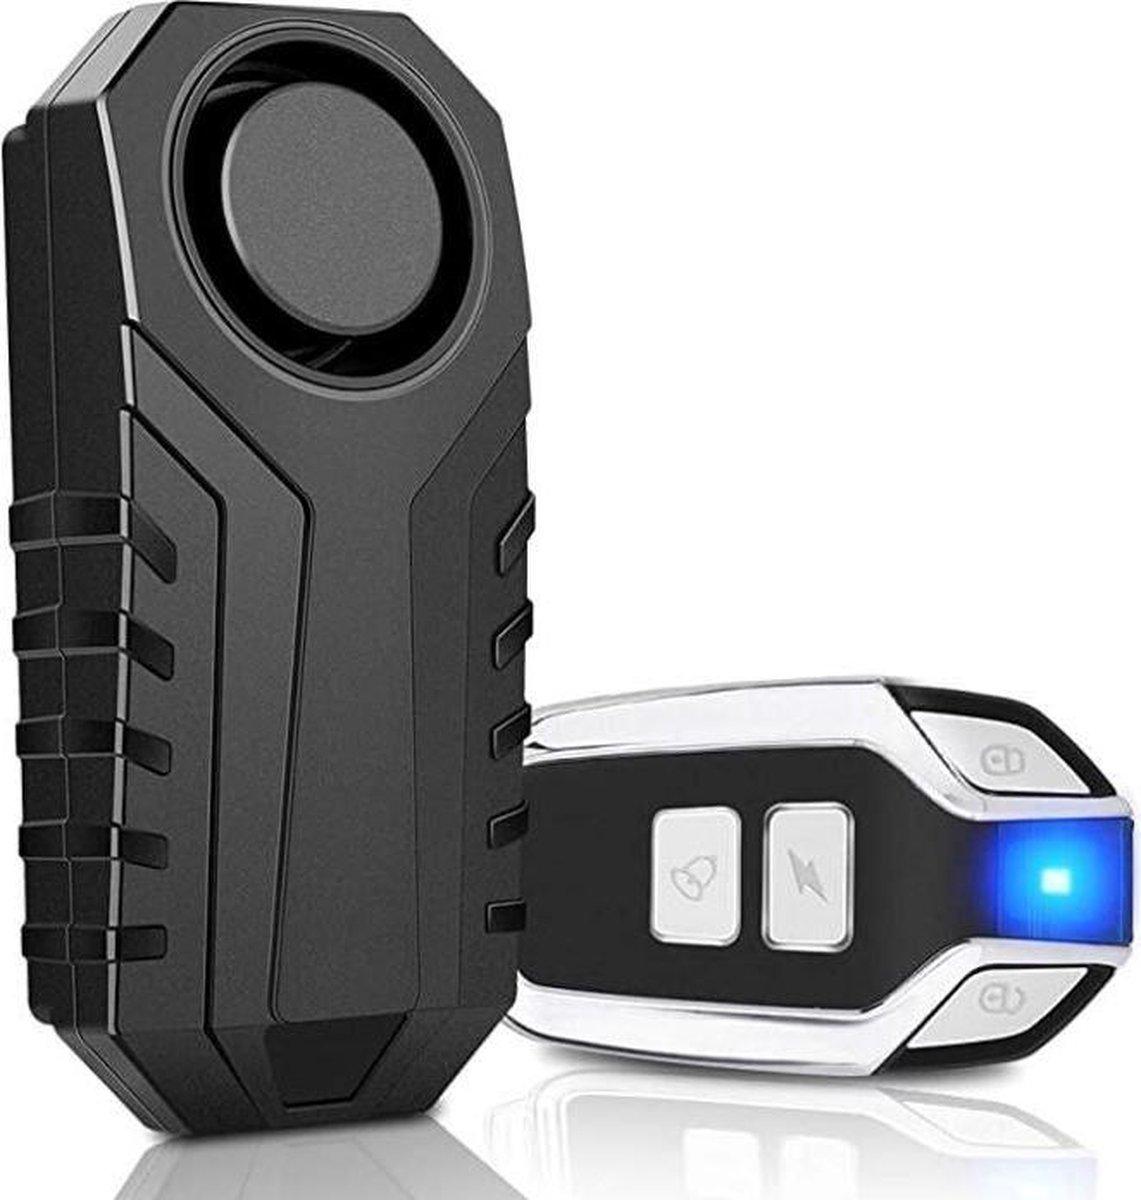 Anti-diefstal - Alarminstallatie draadloos - Alarm beveiliging - Fietsalarm - Huisalarm - Motor alar